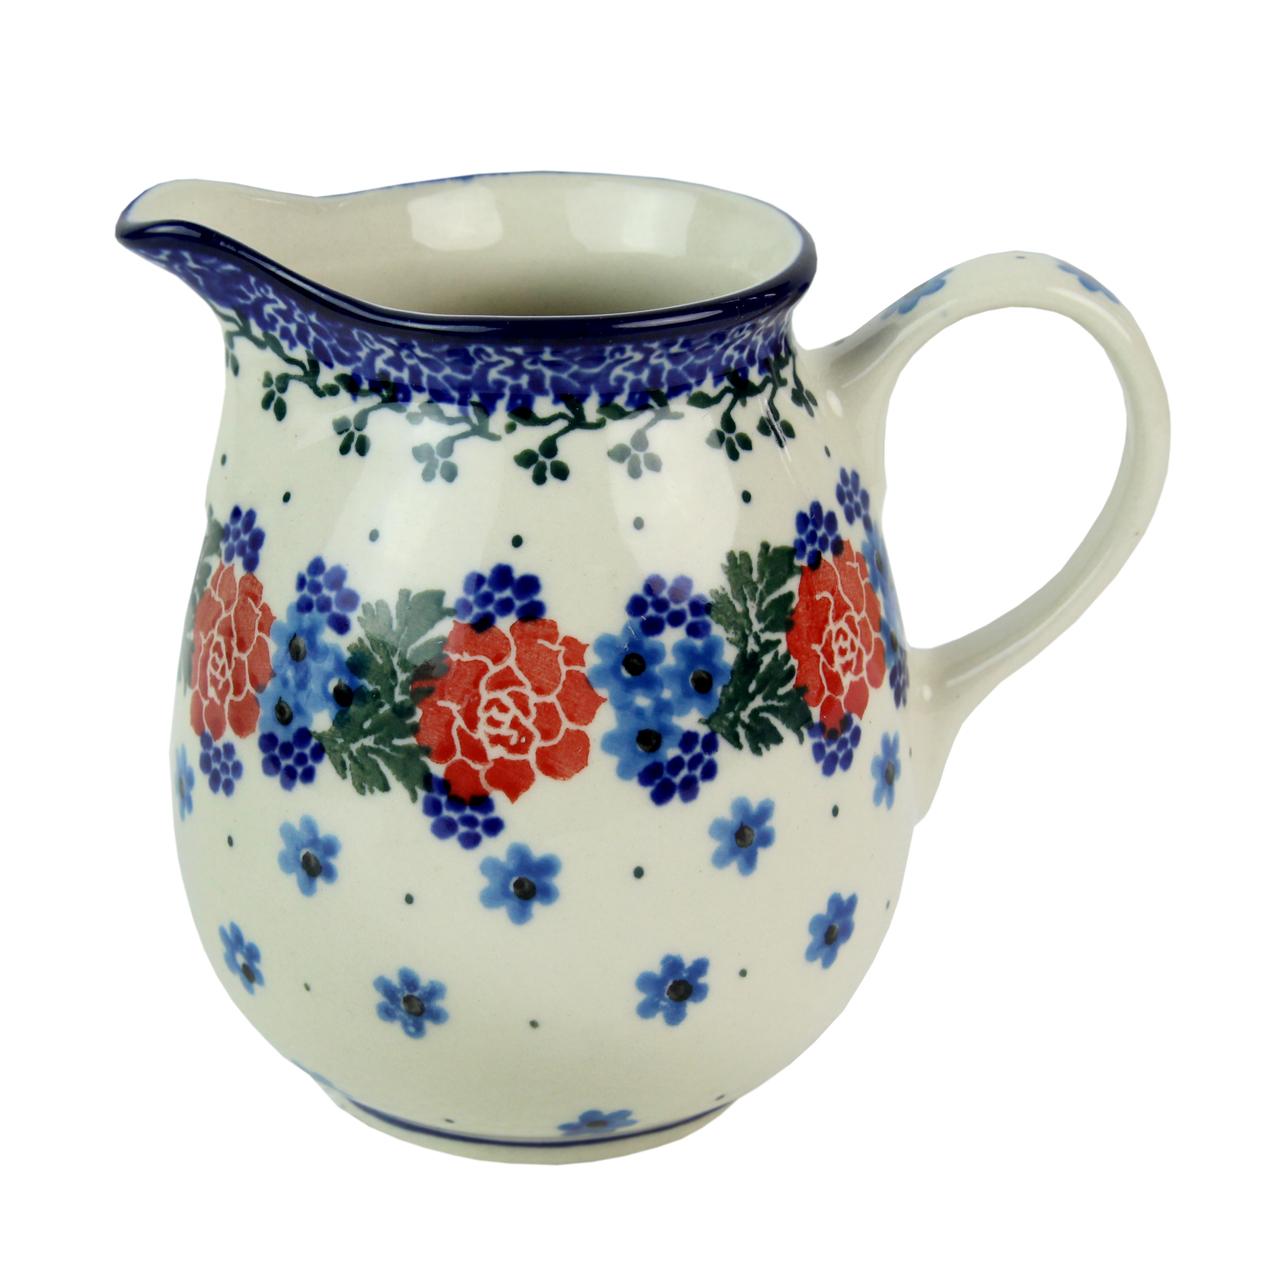 Cana Pentru Lapte Din Ceramica Cu Flori Portocalii